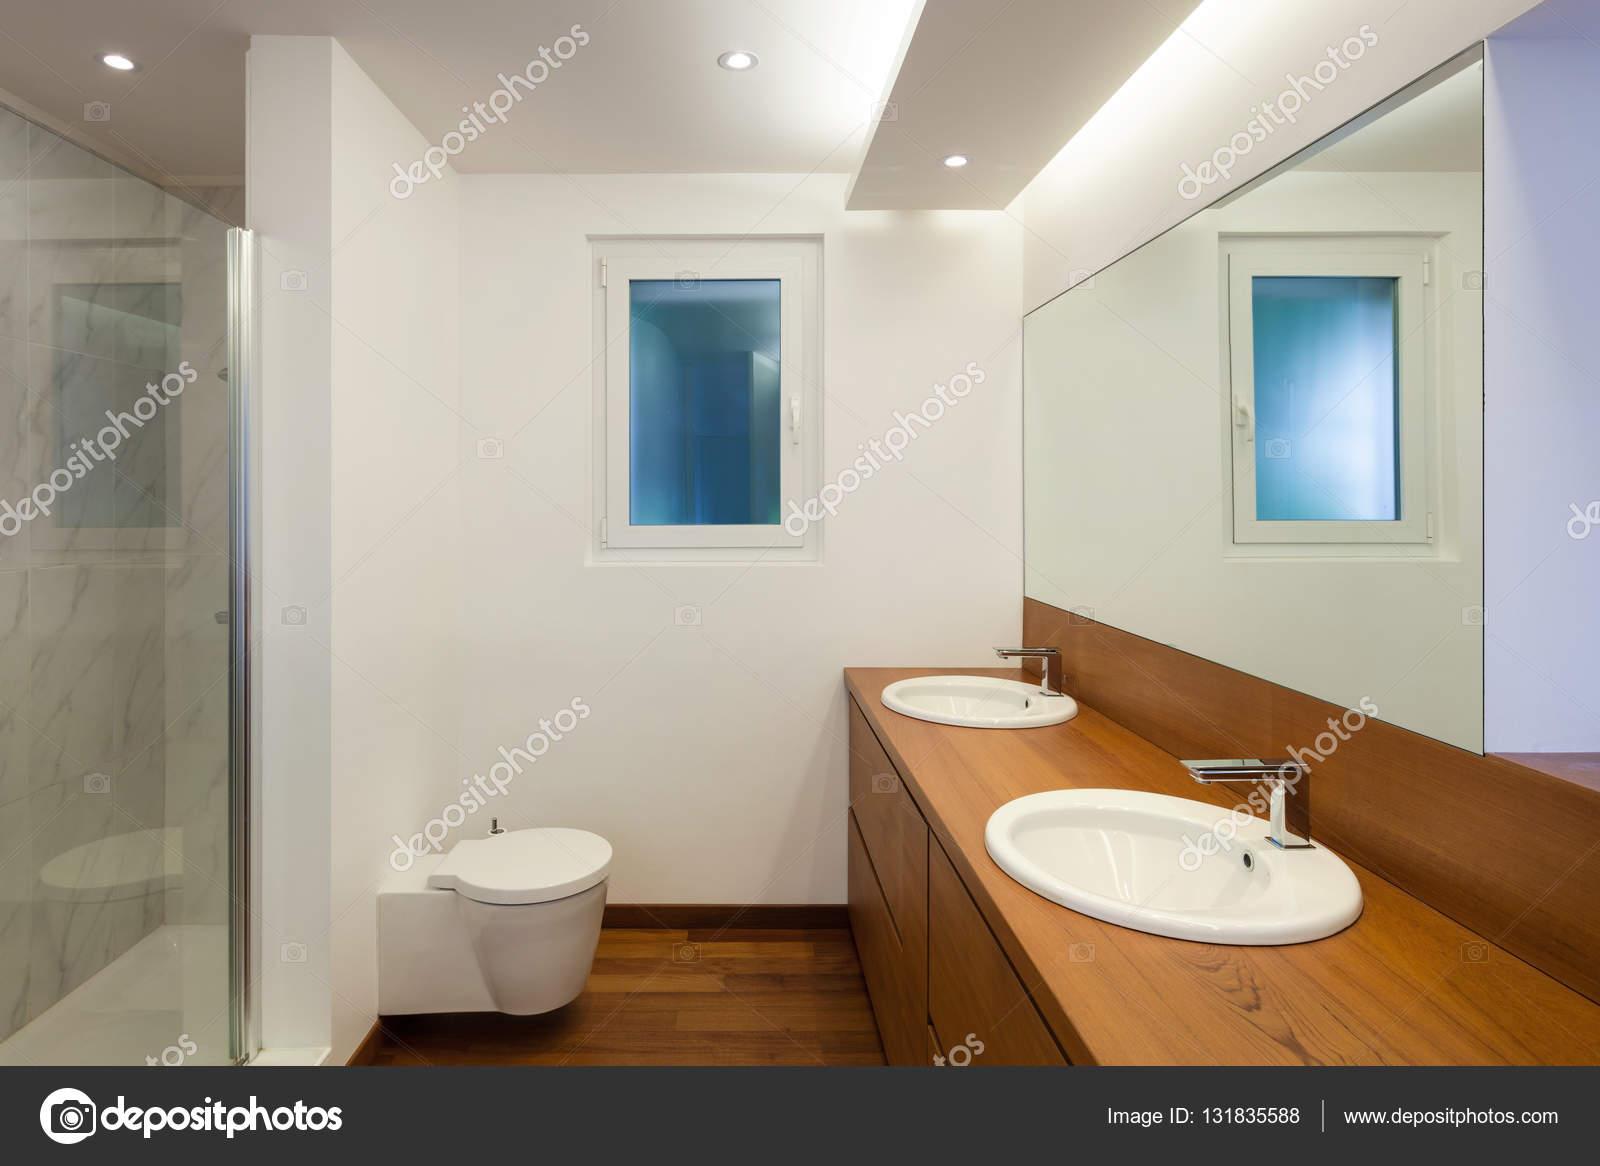 Wnętrz łazienka Z Dwoma Umywalkami Zdjęcie Stockowe